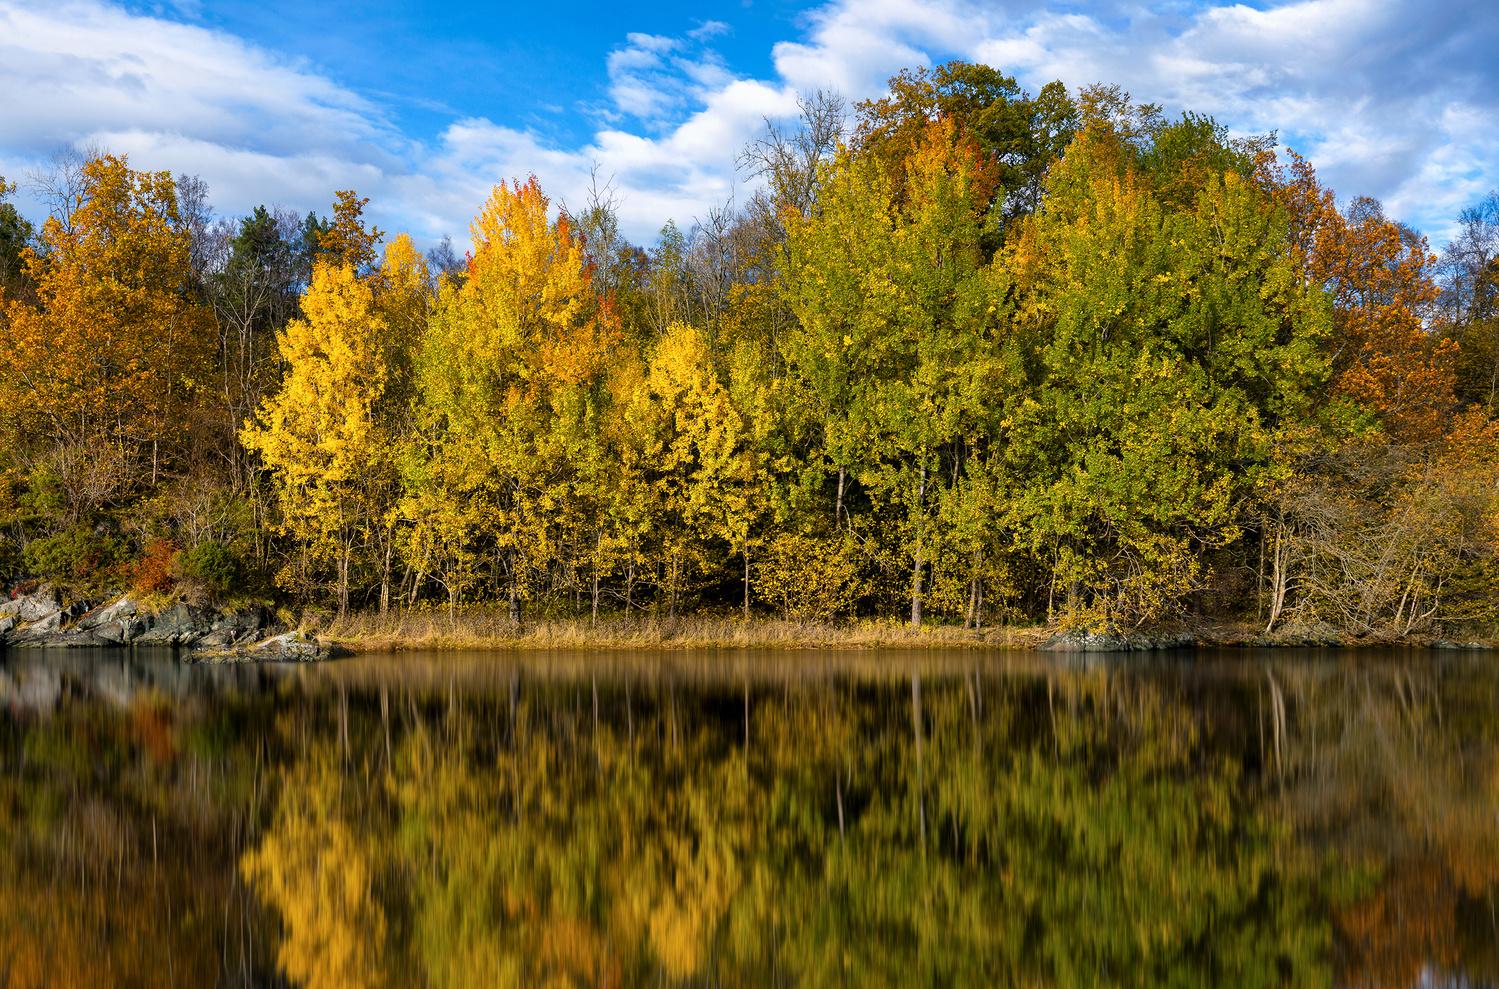 Autumn Reflections by Eirik Sørstrømmen